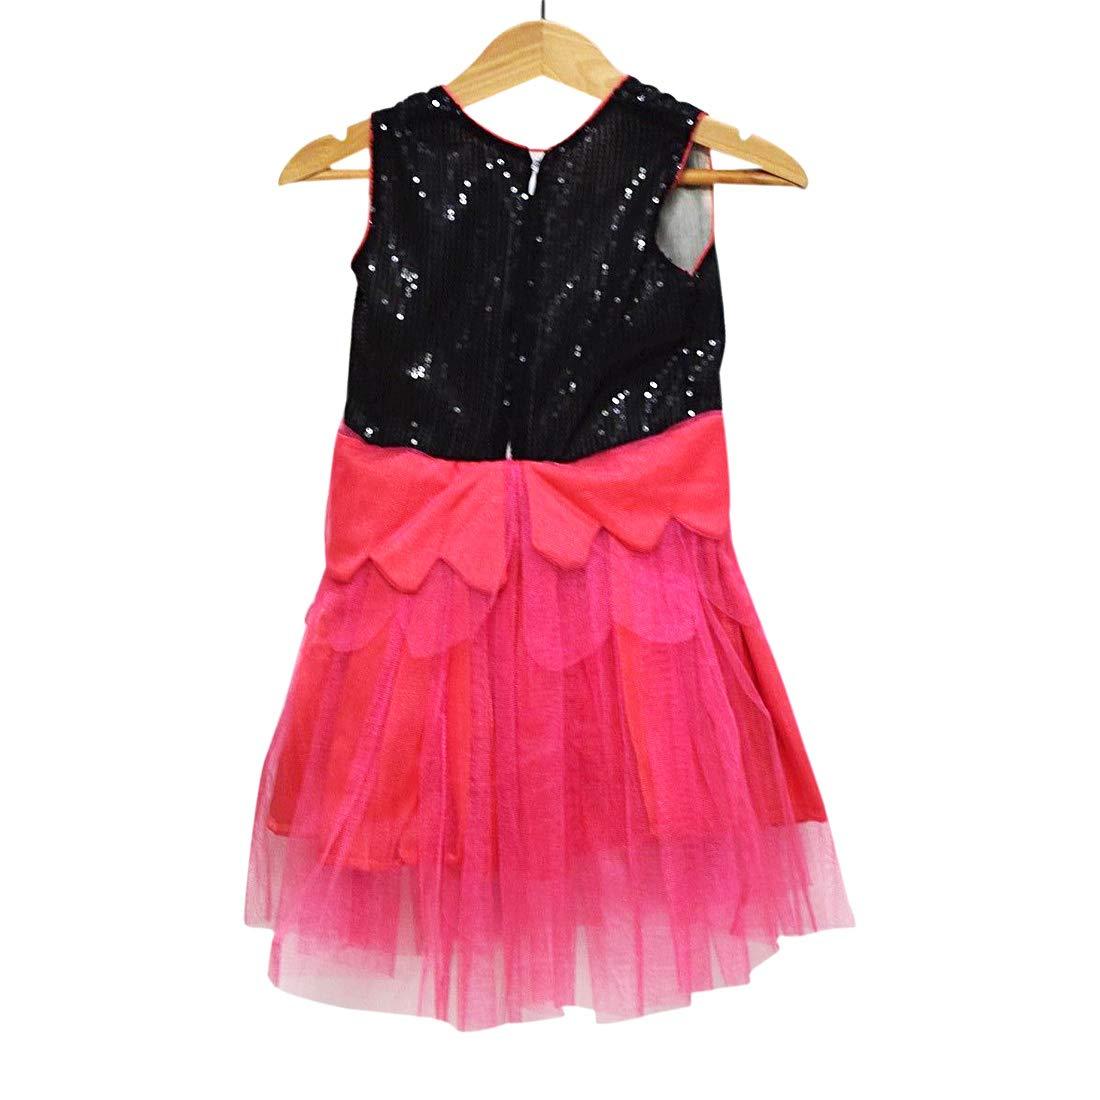 b09676b018 Baby Girl Dresses Amazon India